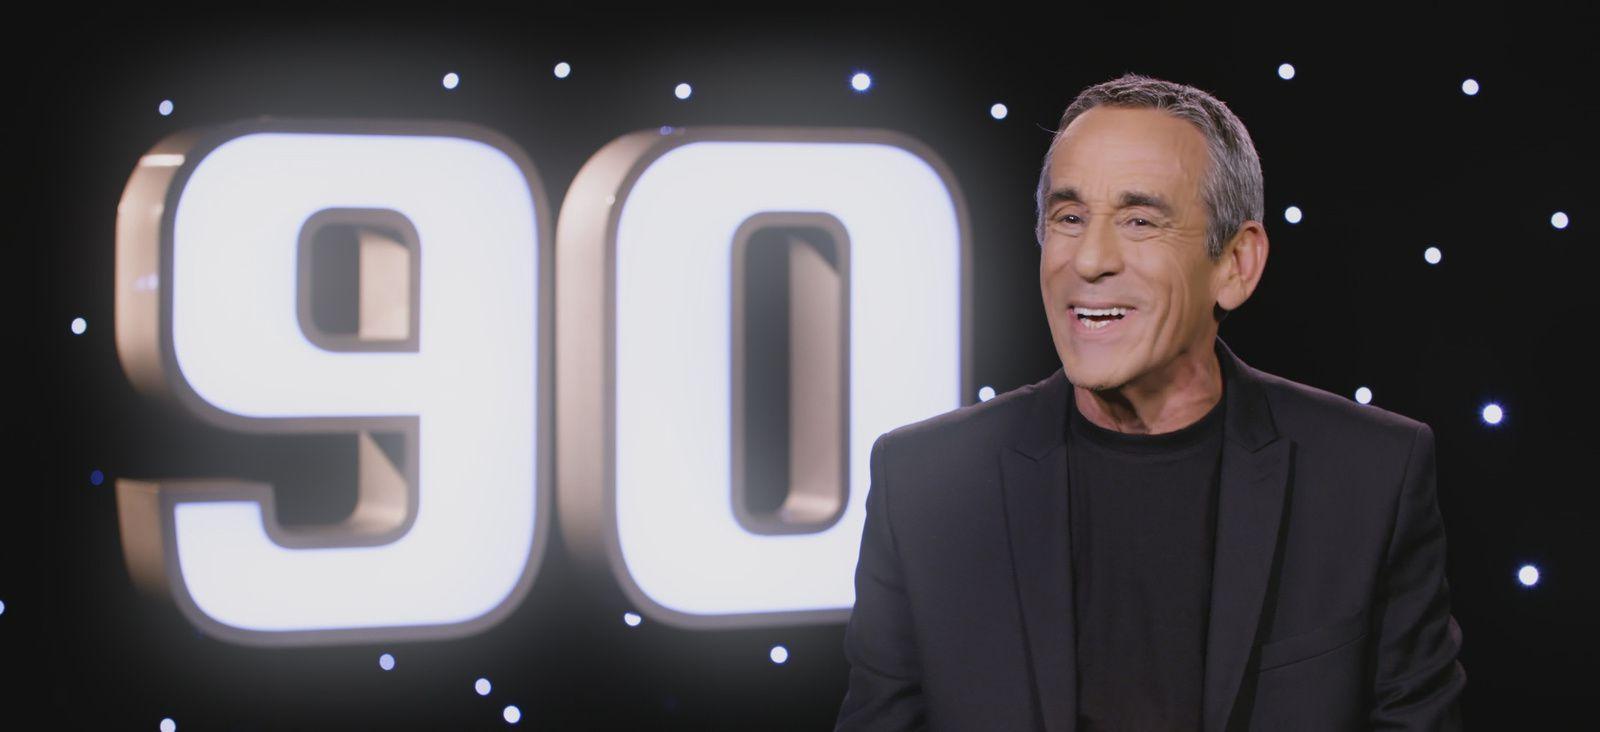 La télé des années 90 : seconde partie diffusée ce vendredi sur France 3.